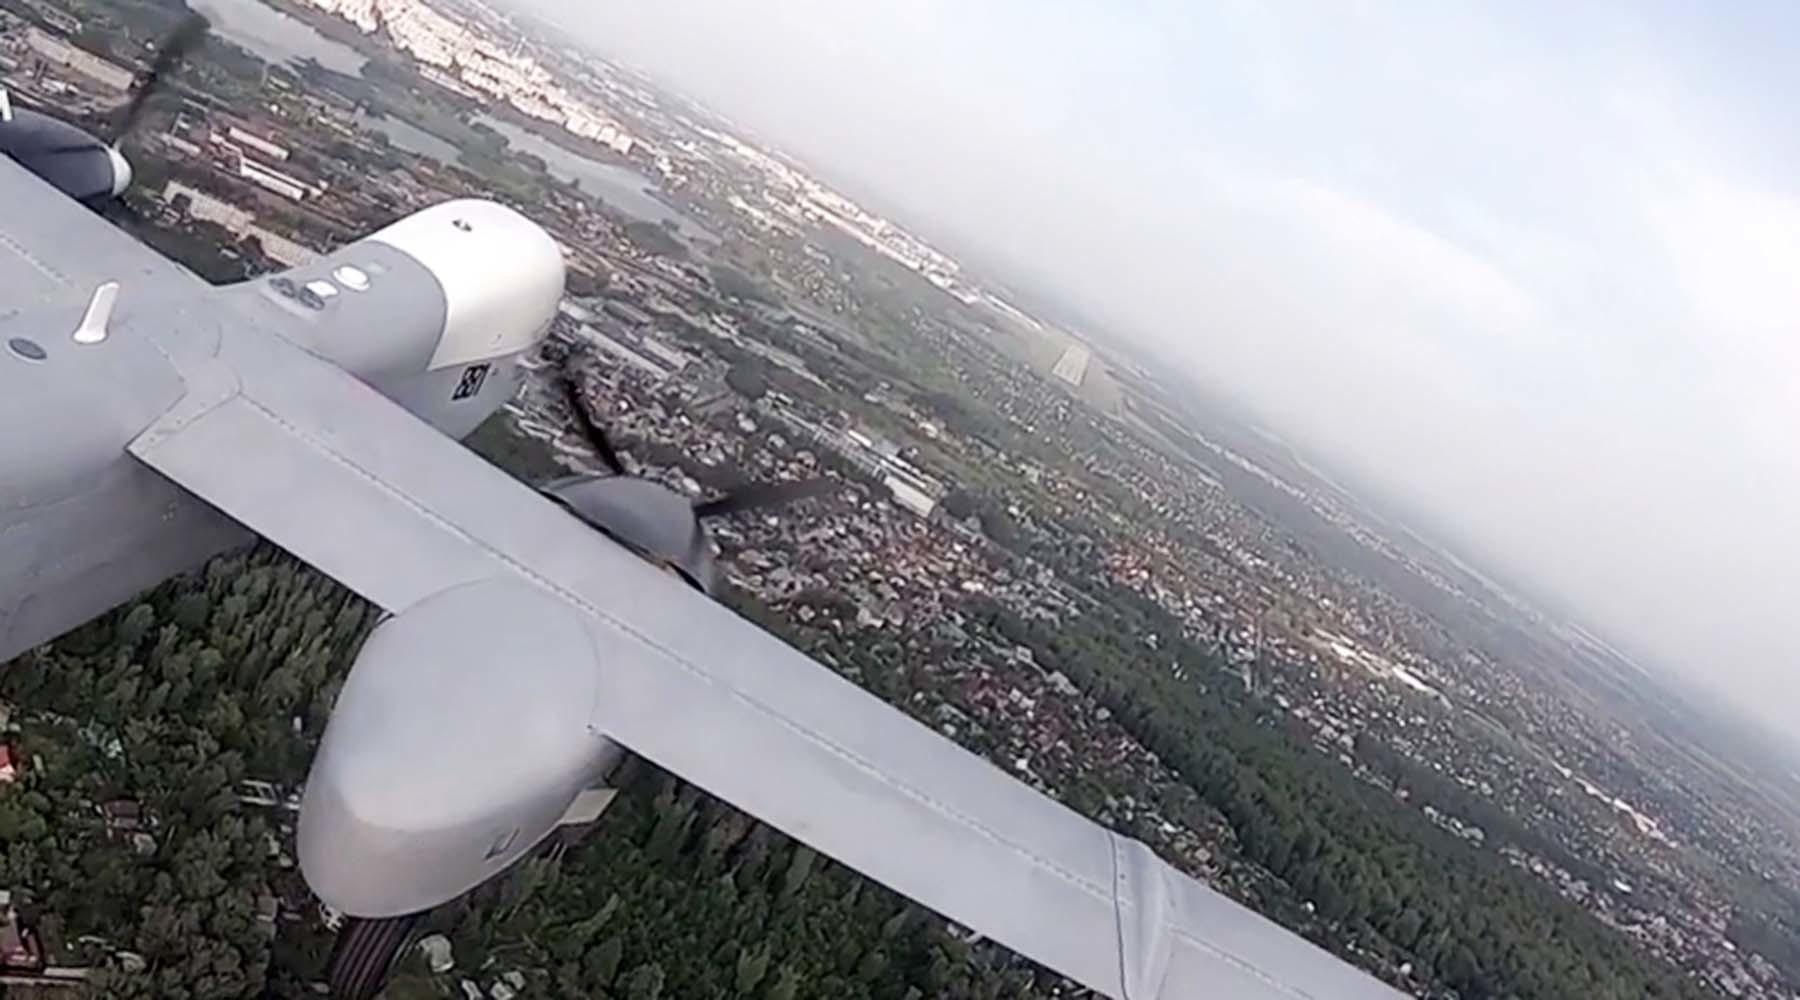 俄专家:俄新款重型无人机将具备察打一体能力